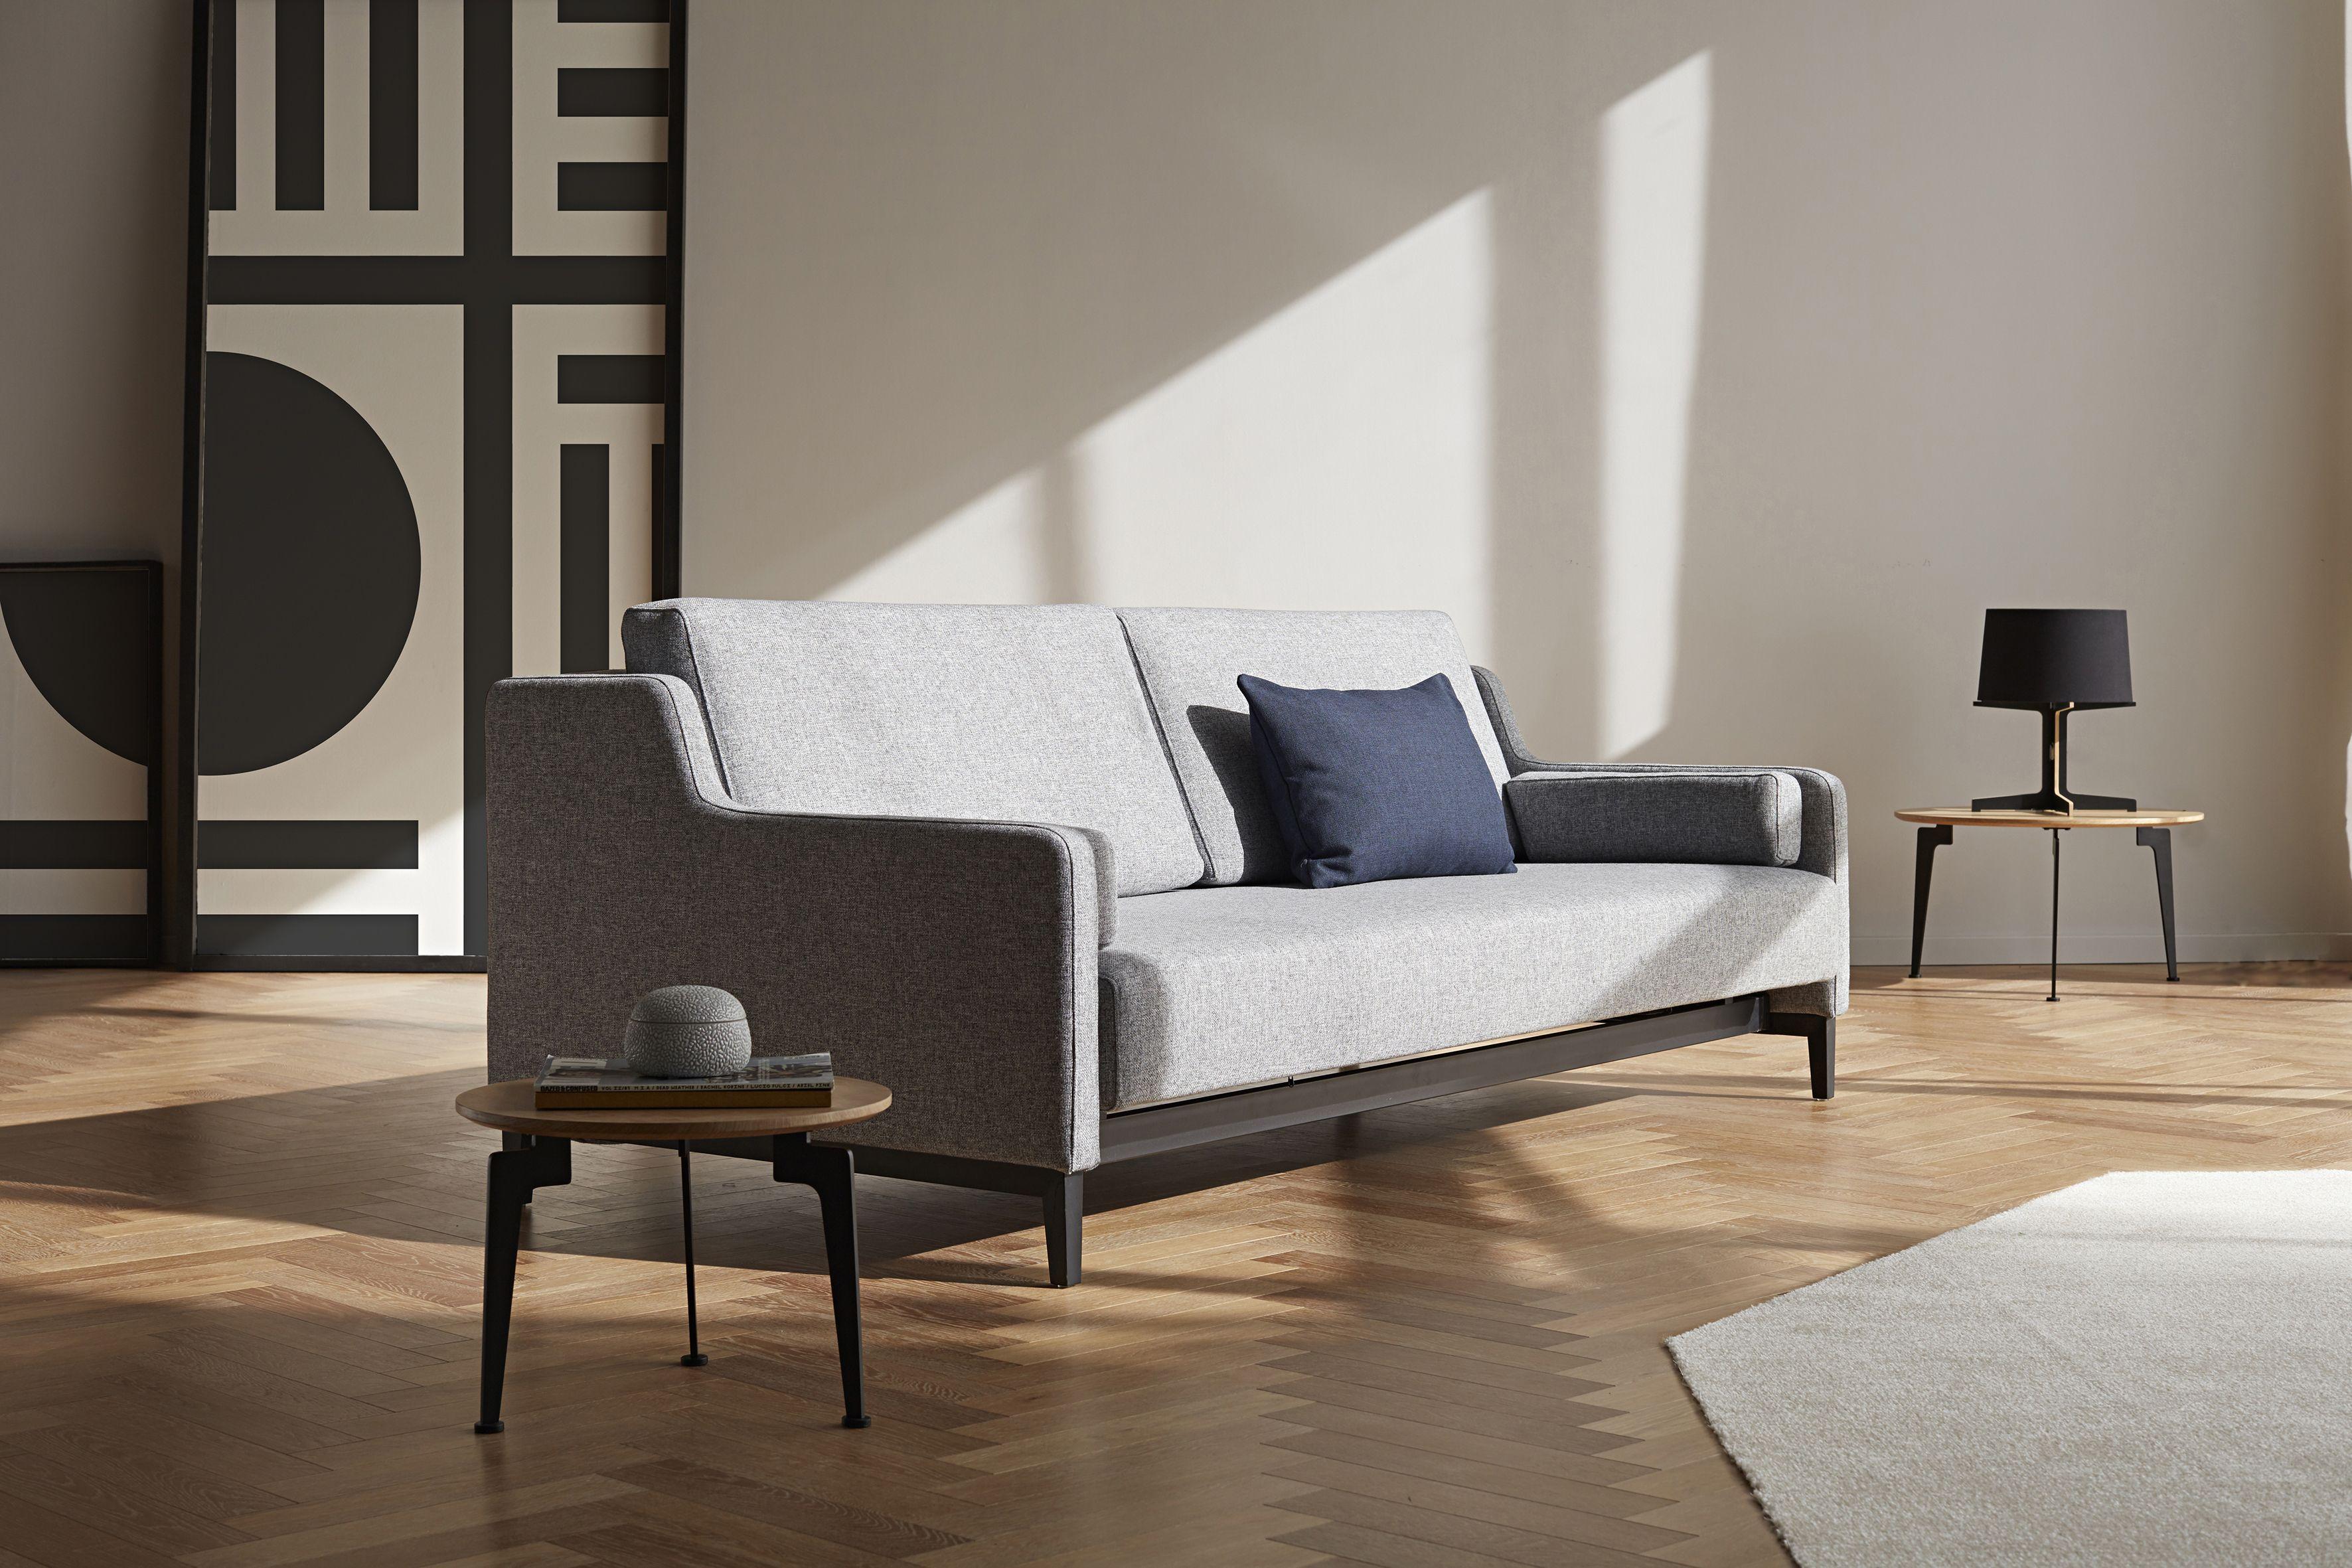 Hermod 160 X 200 Cm Schlafsofa Scandinavian Design Sofa Bett Schlafsofa Innovation Schlafsofa